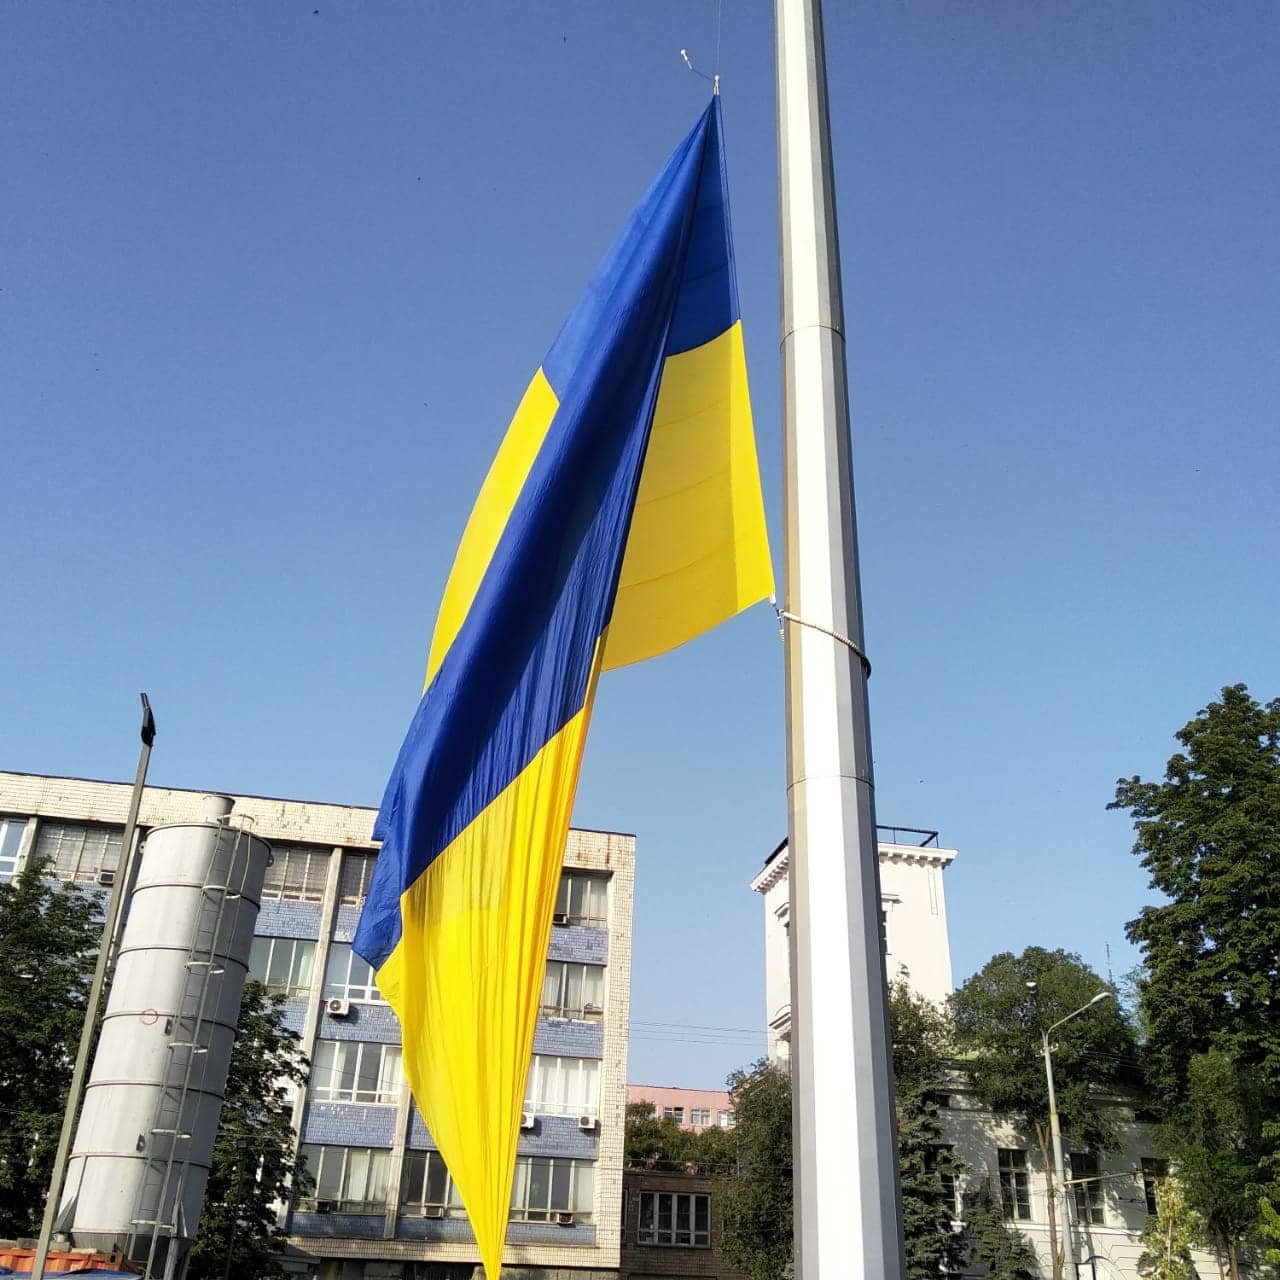 В Днепре заменили самый большой флаг Украины , фото-1